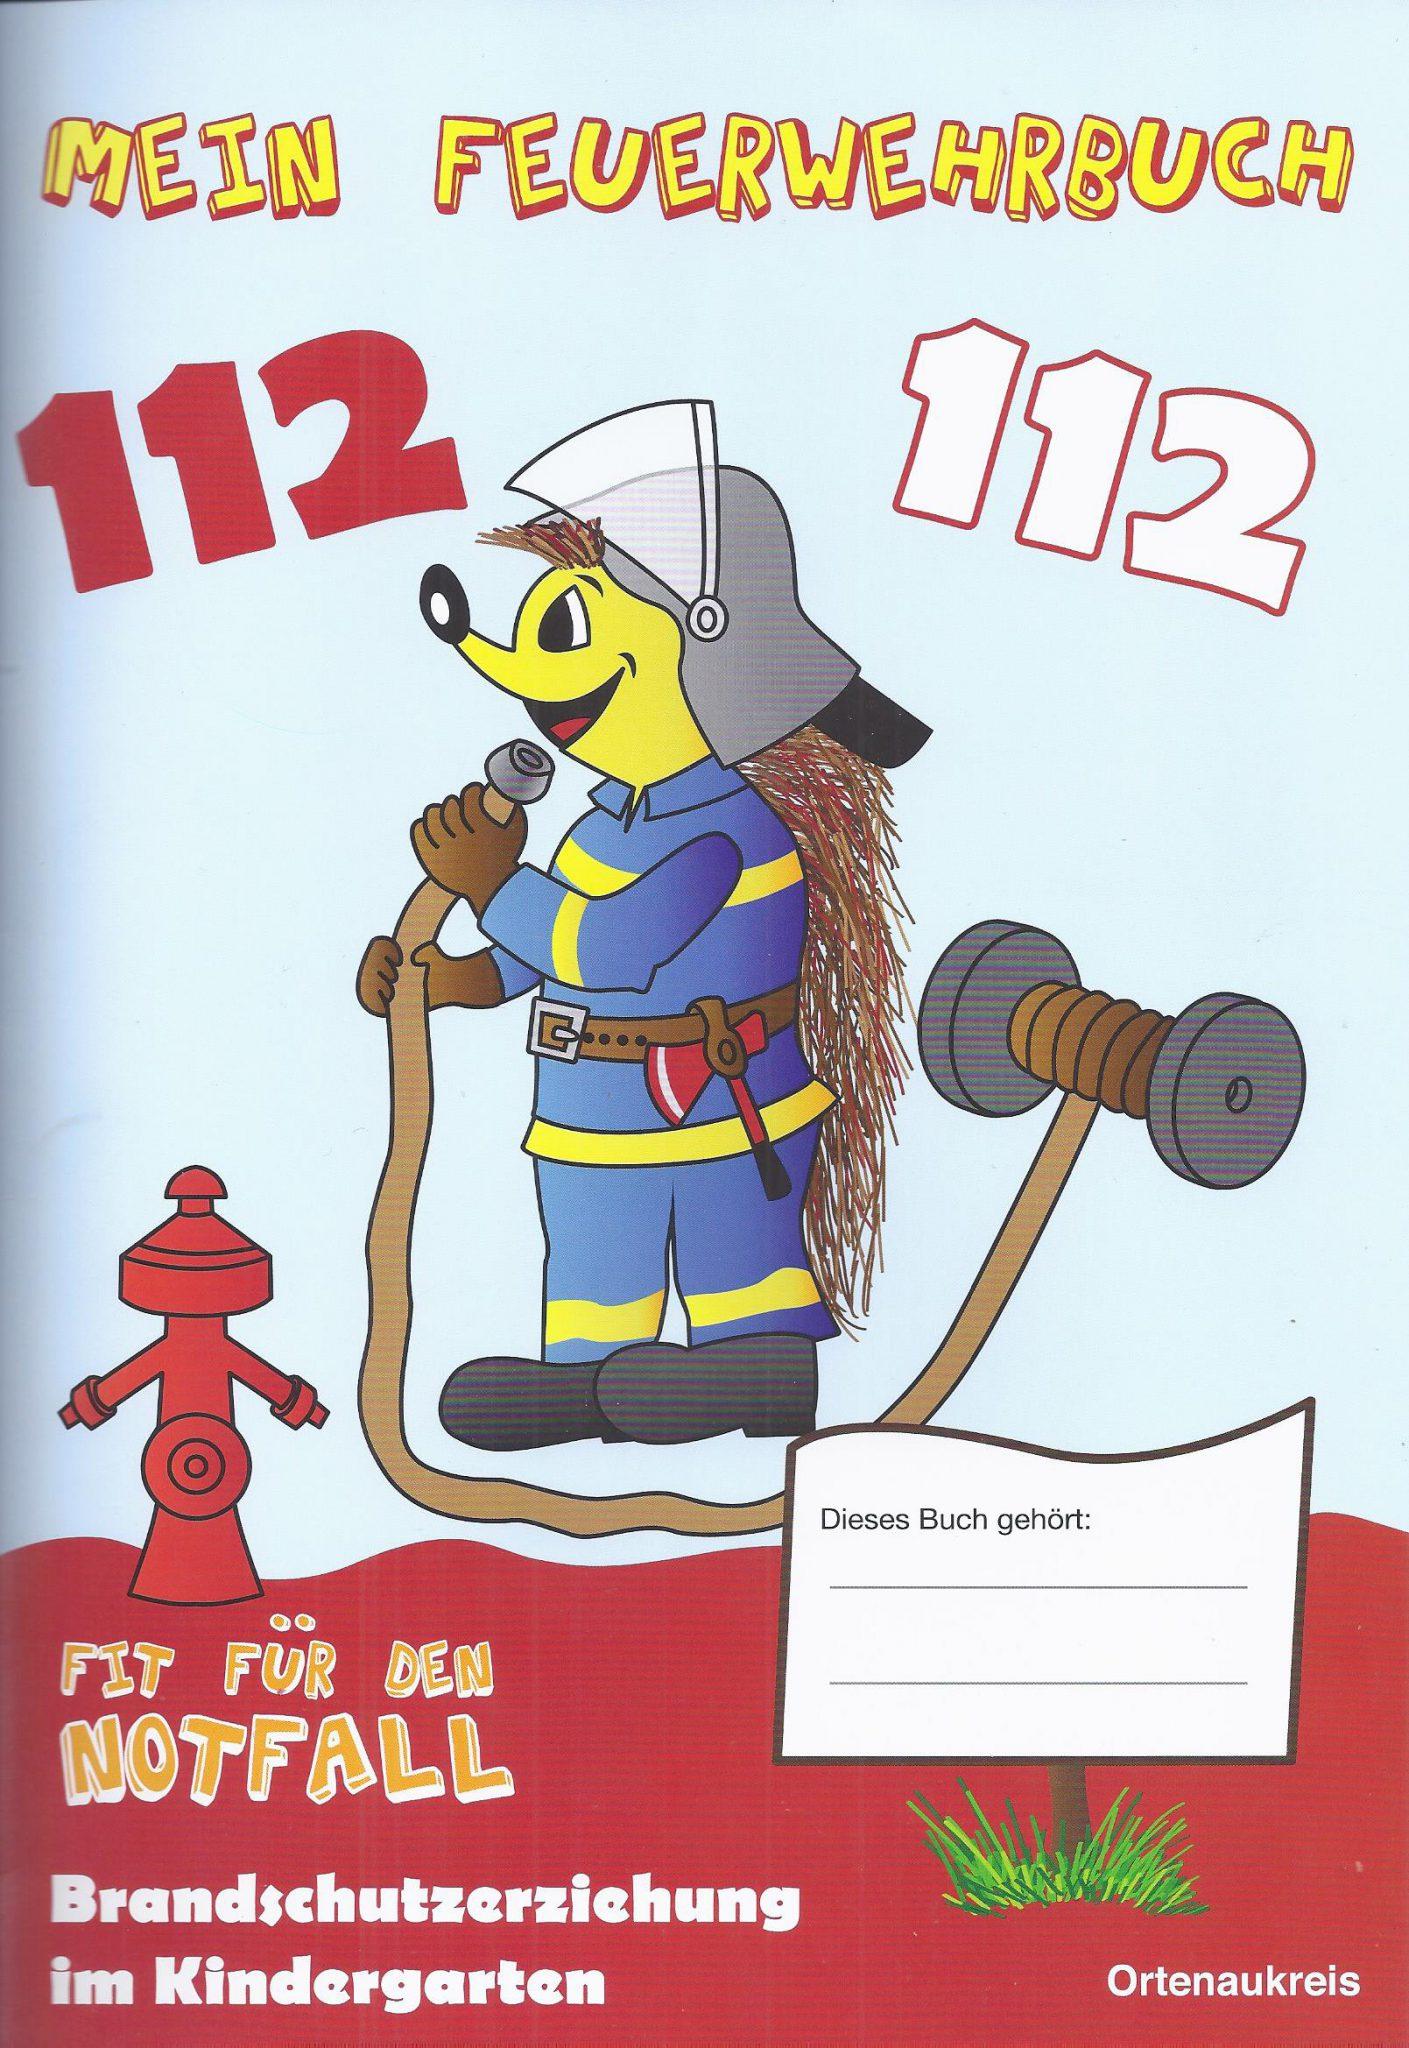 Brandschutzerziehung für Kindergärten im Ortenaukreis, das Buch